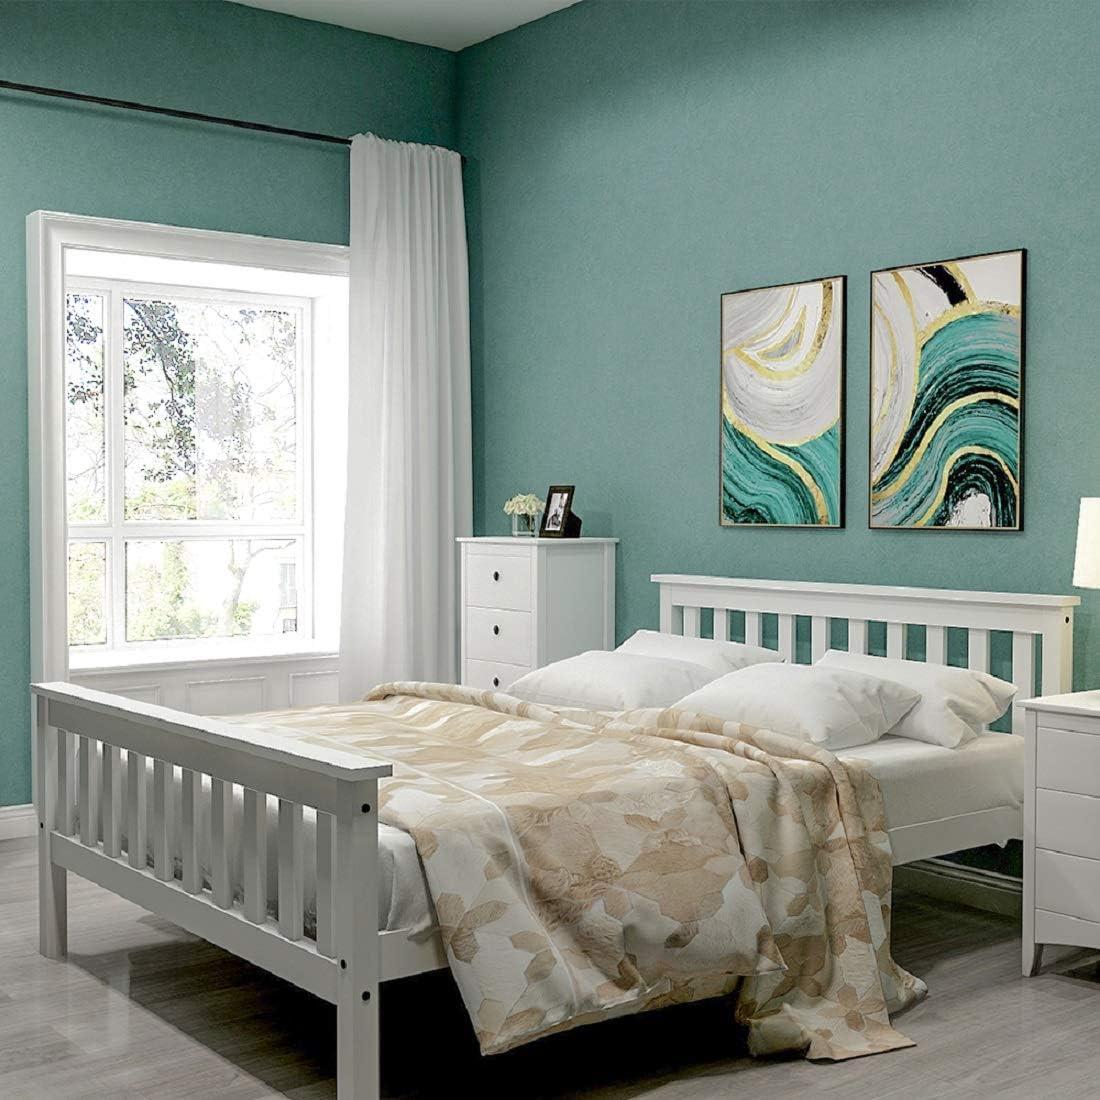 Cama de madera de 135 x 190 cm, hasta 200 kg, cama doble con ...